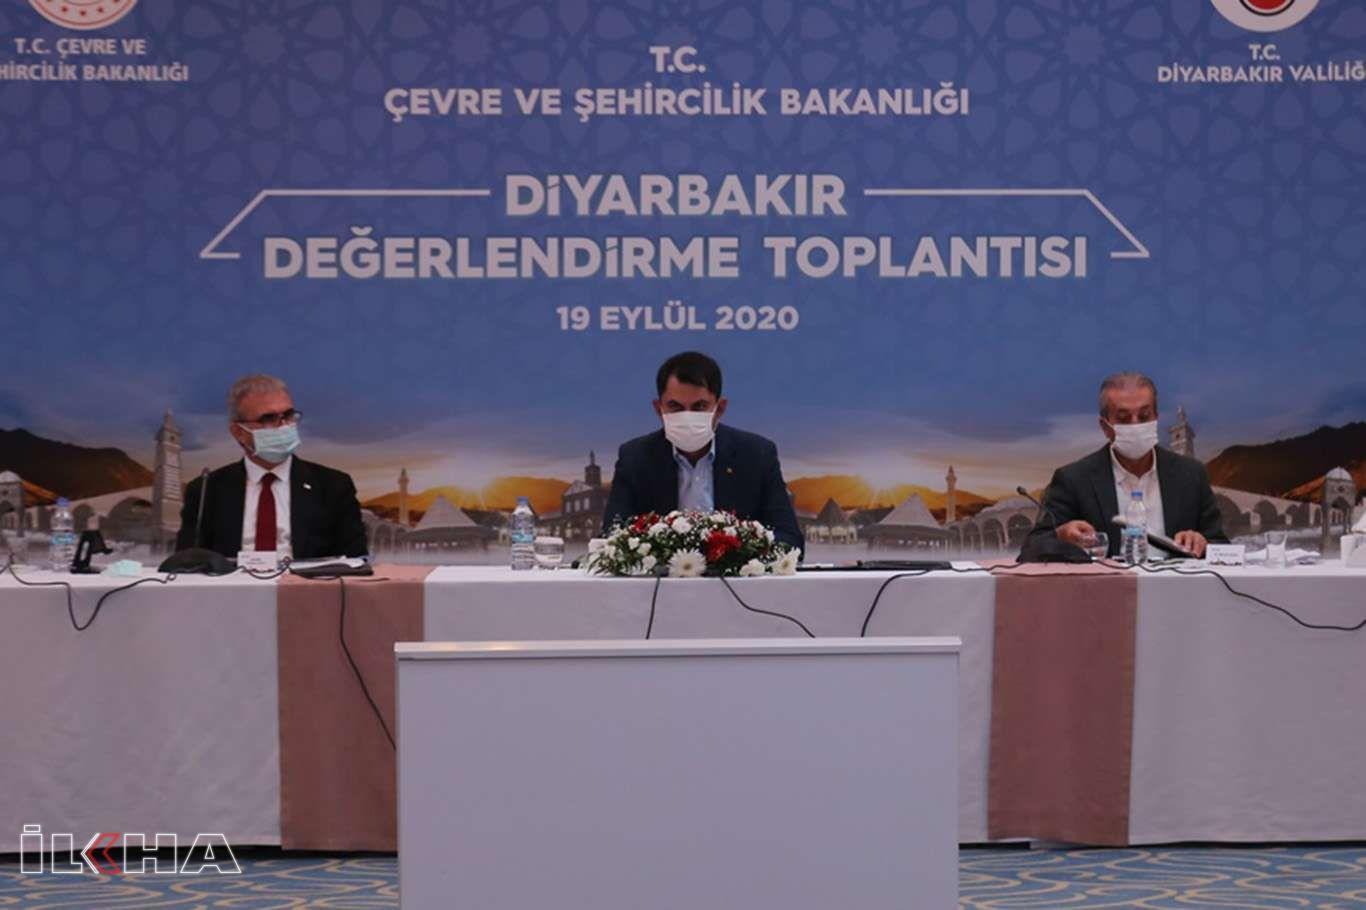 Bakan Kurum, Diyarbakırda hayata geçirilecek projeleri açıkladı